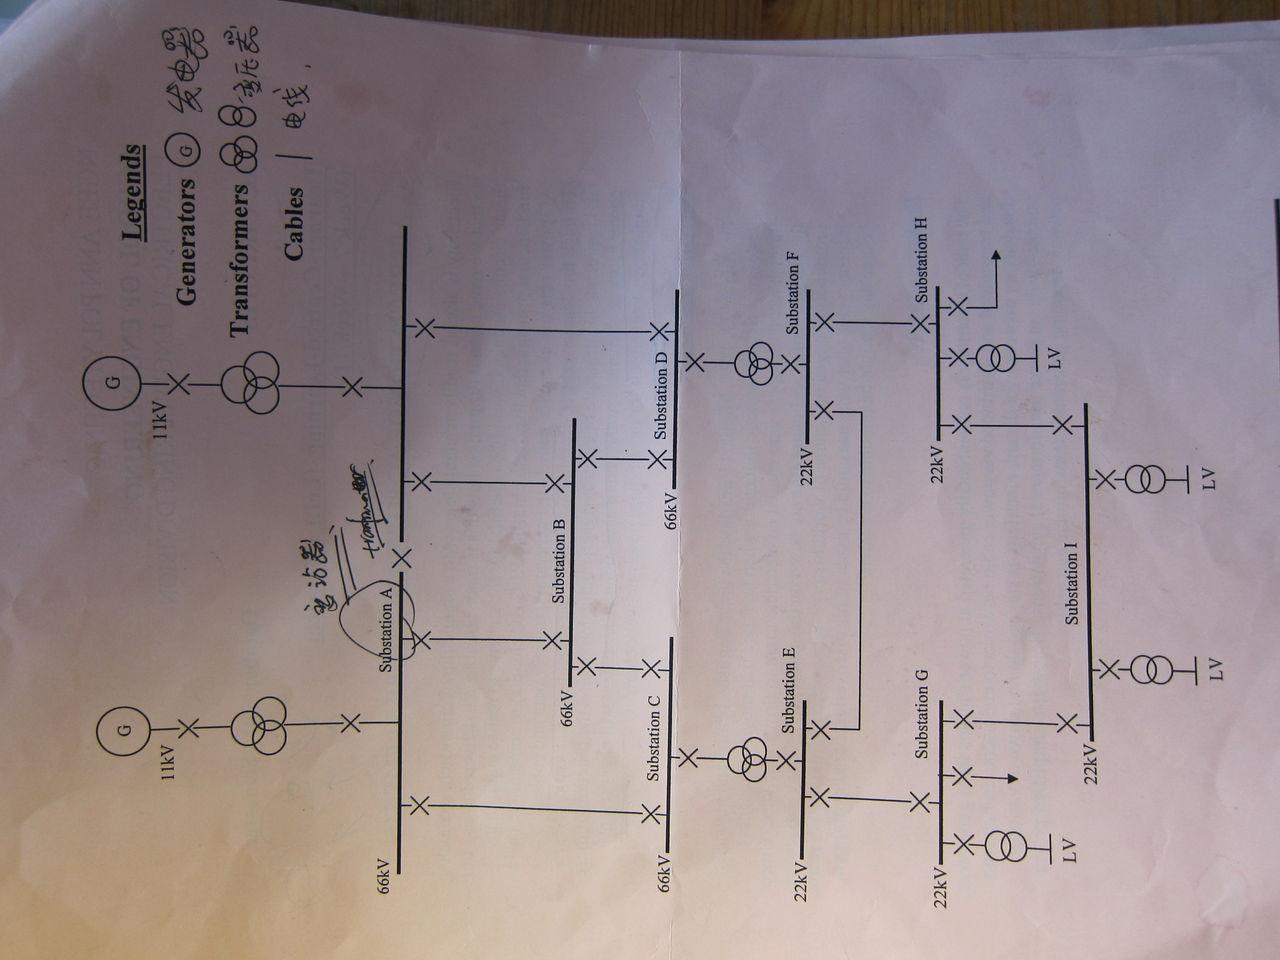 交流电的定义 大小不变,方向改变的电流叫什么图片